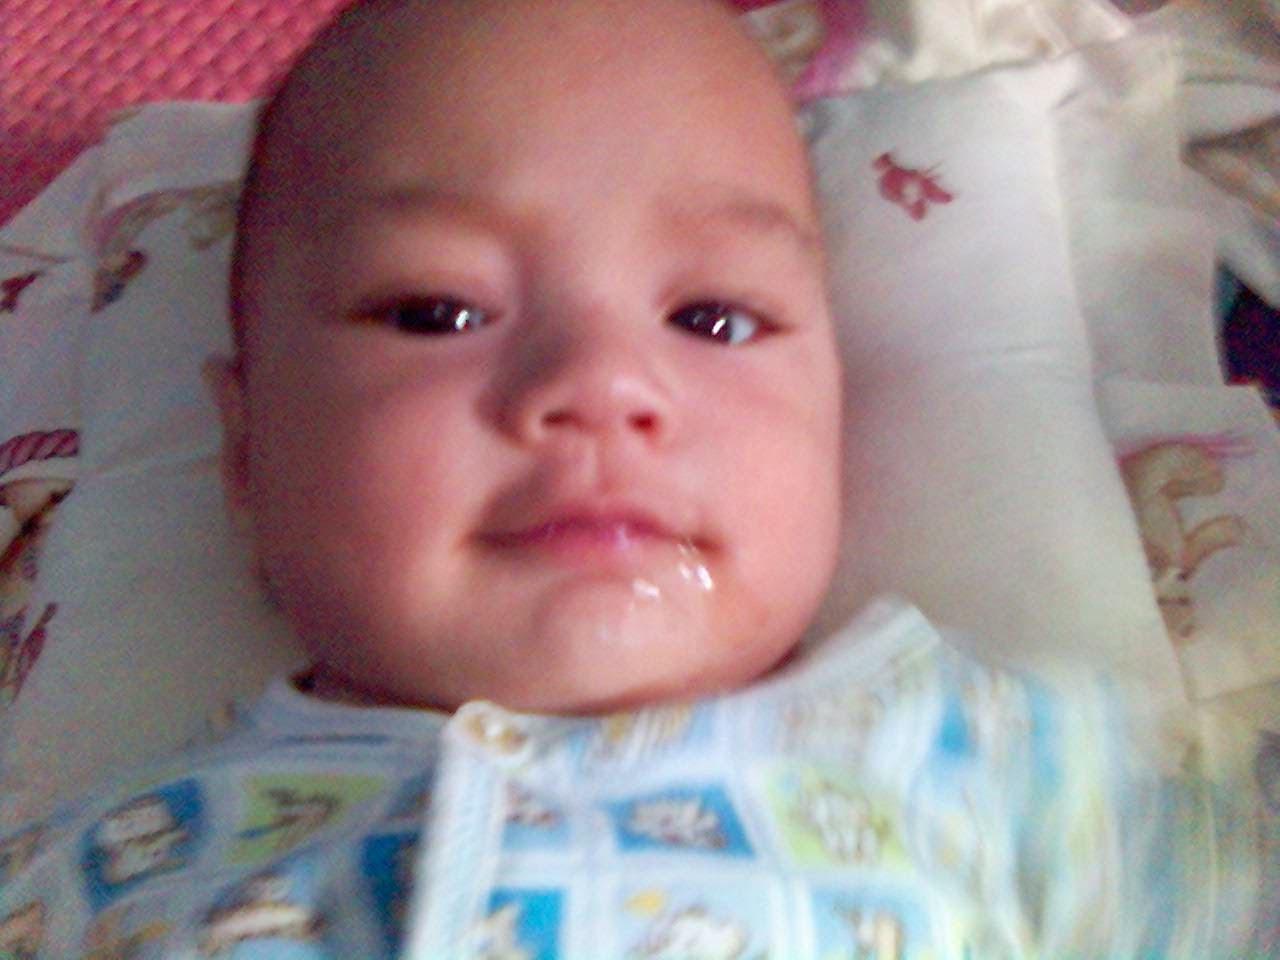 Gratis gambar bayi lucu banget